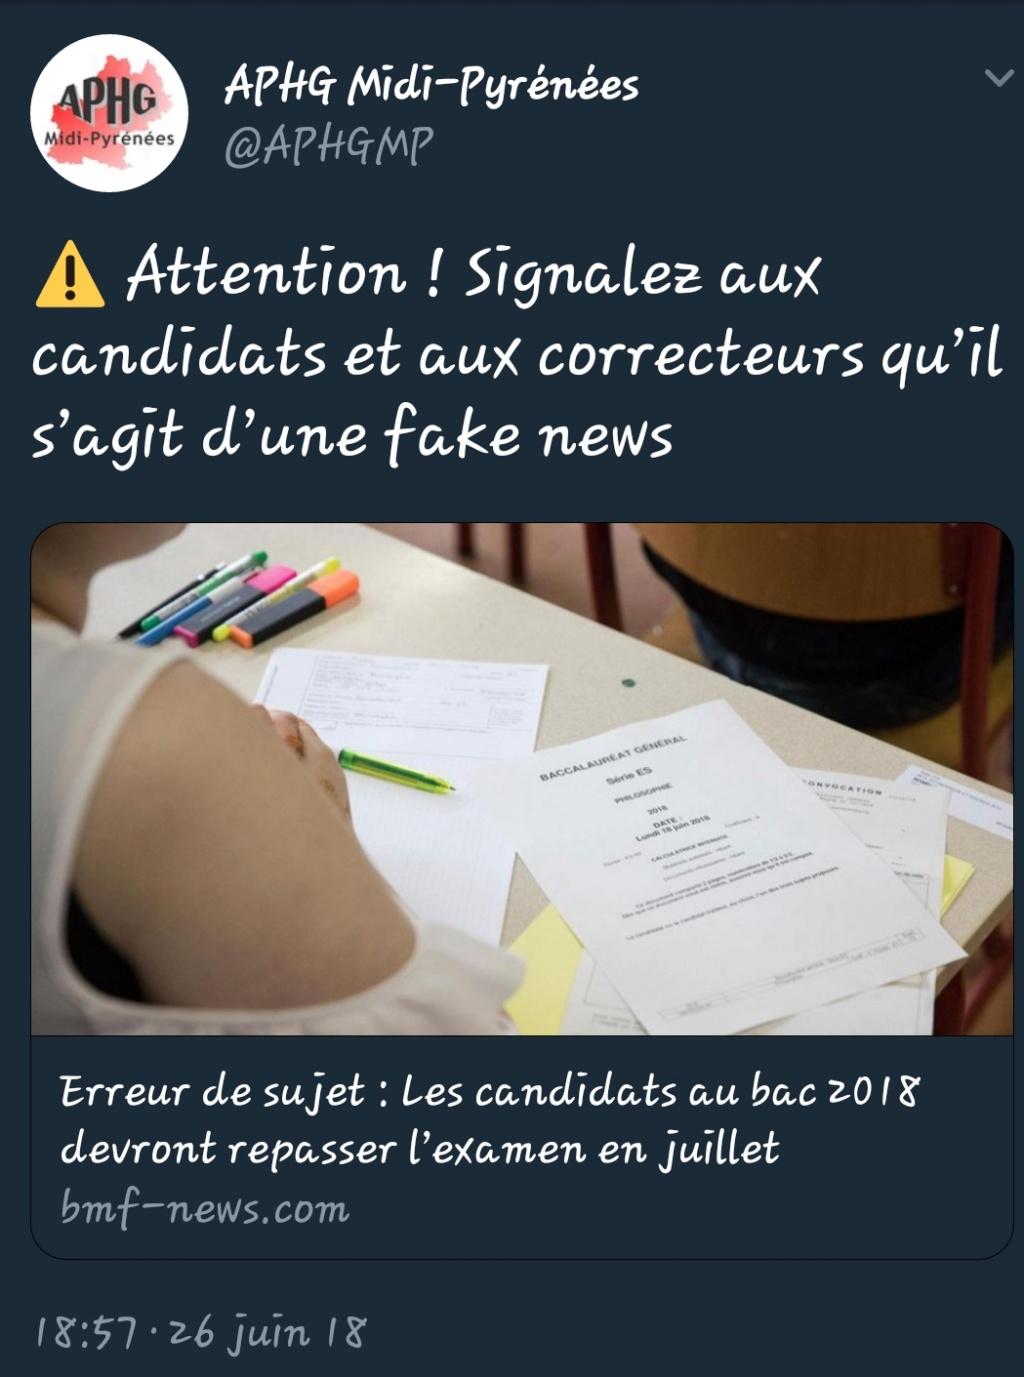 [Résolu : fake news] Bac Histoire-Geographie 2018 : erreur de sujet ? Screen13